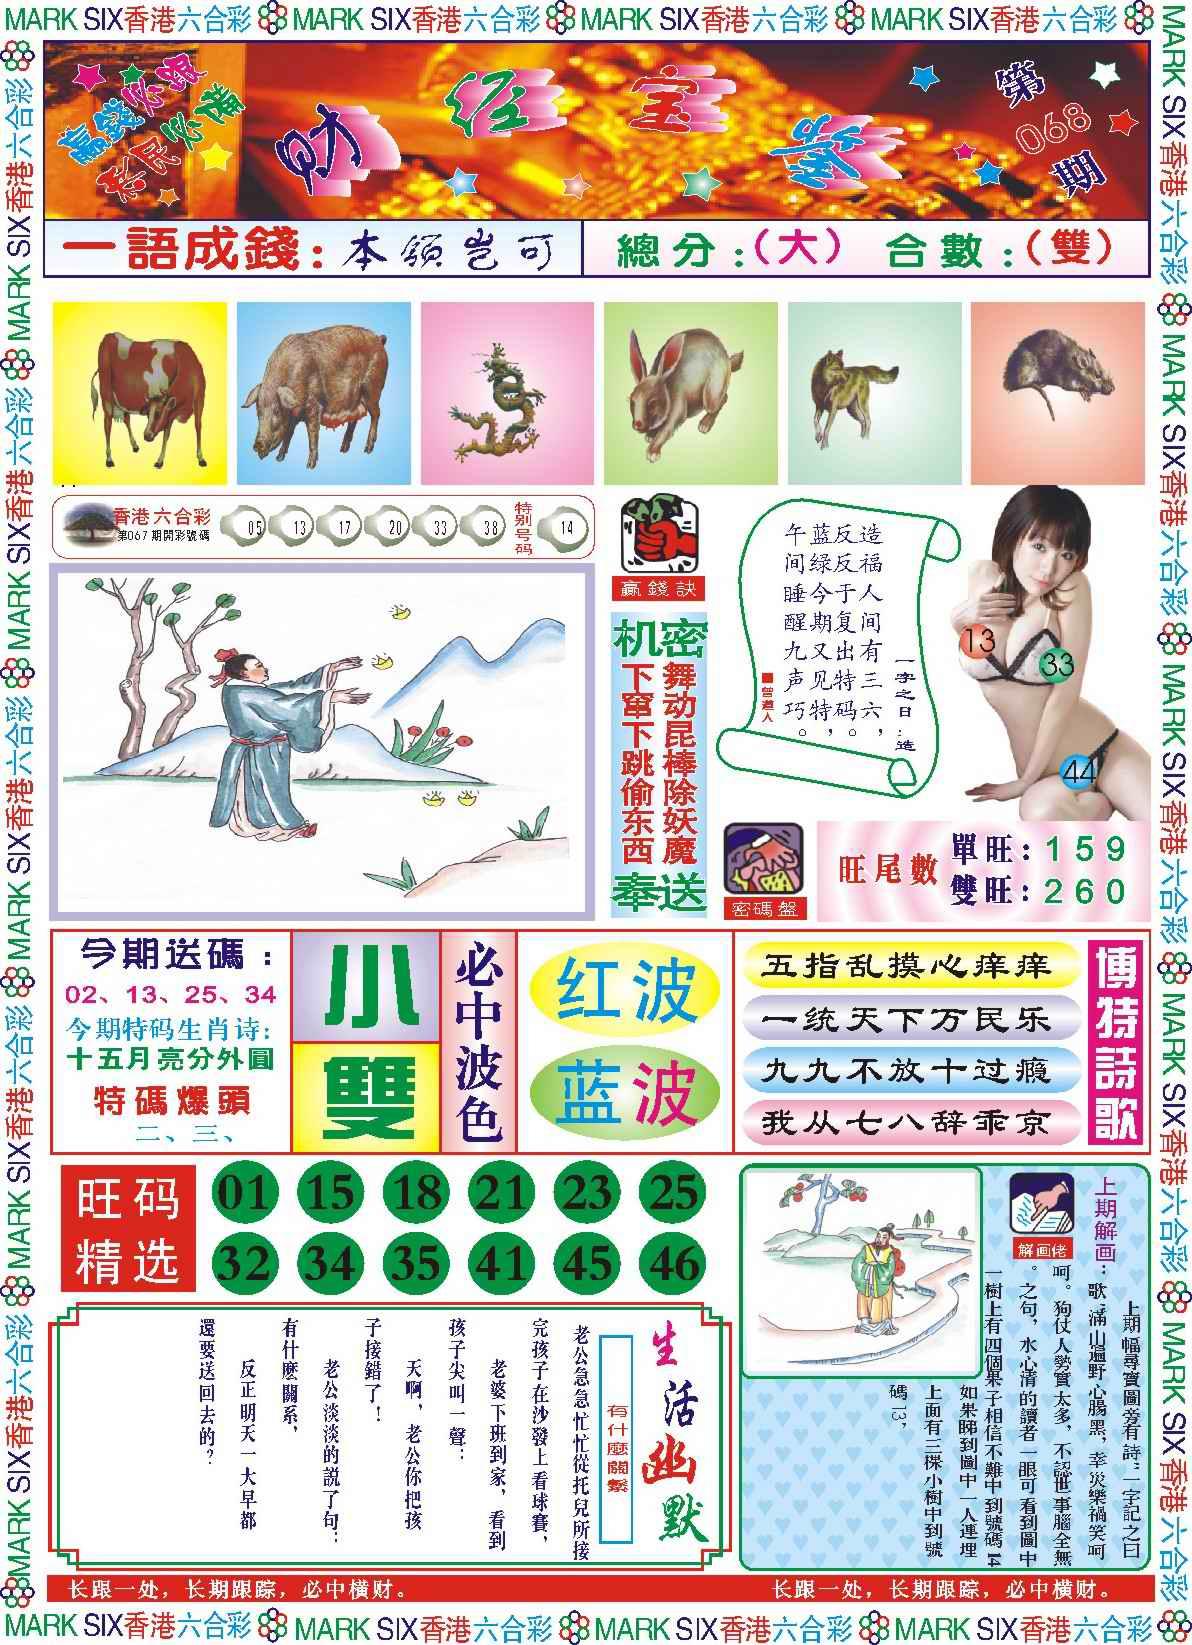 068期118财经宝鉴(新图)